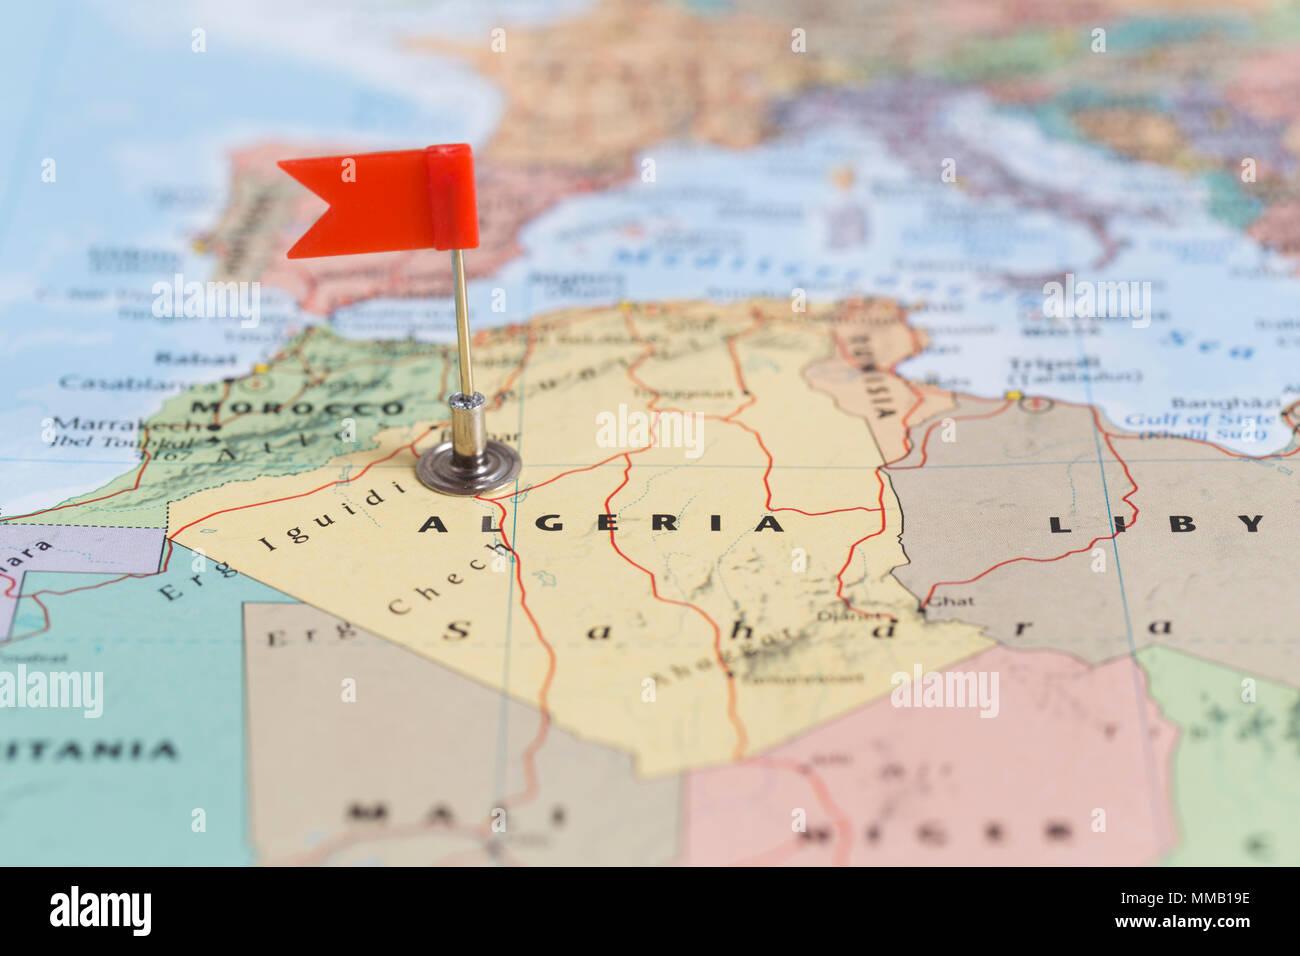 Algerie Carte Du Monde.Petit Drapeau Rouge Marquant Le Pays D Afrique De L Algerie